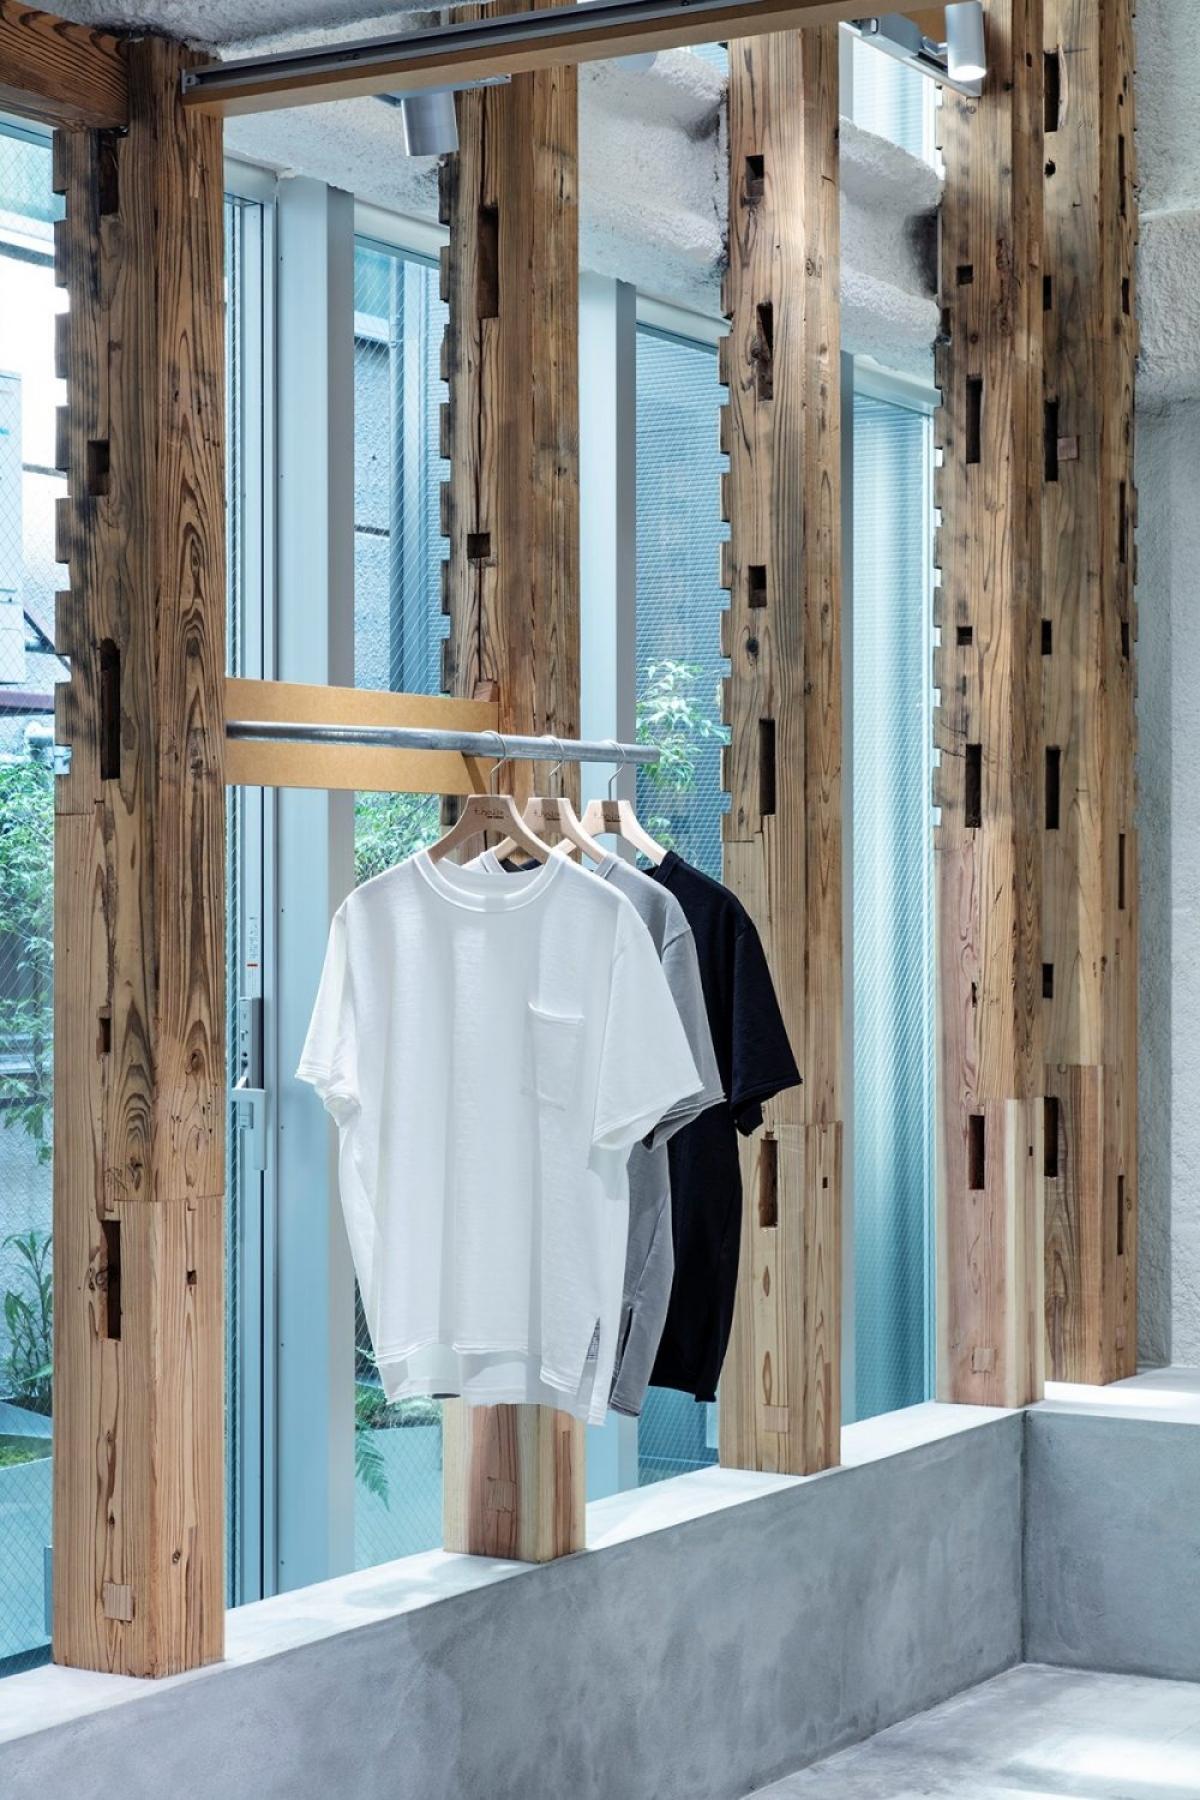 Giữa các khung gỗ có các ô lắp, gia chủ đã tận dụng một cách triệt để làm giá treo quần áo, lưu trữ giày, dép...